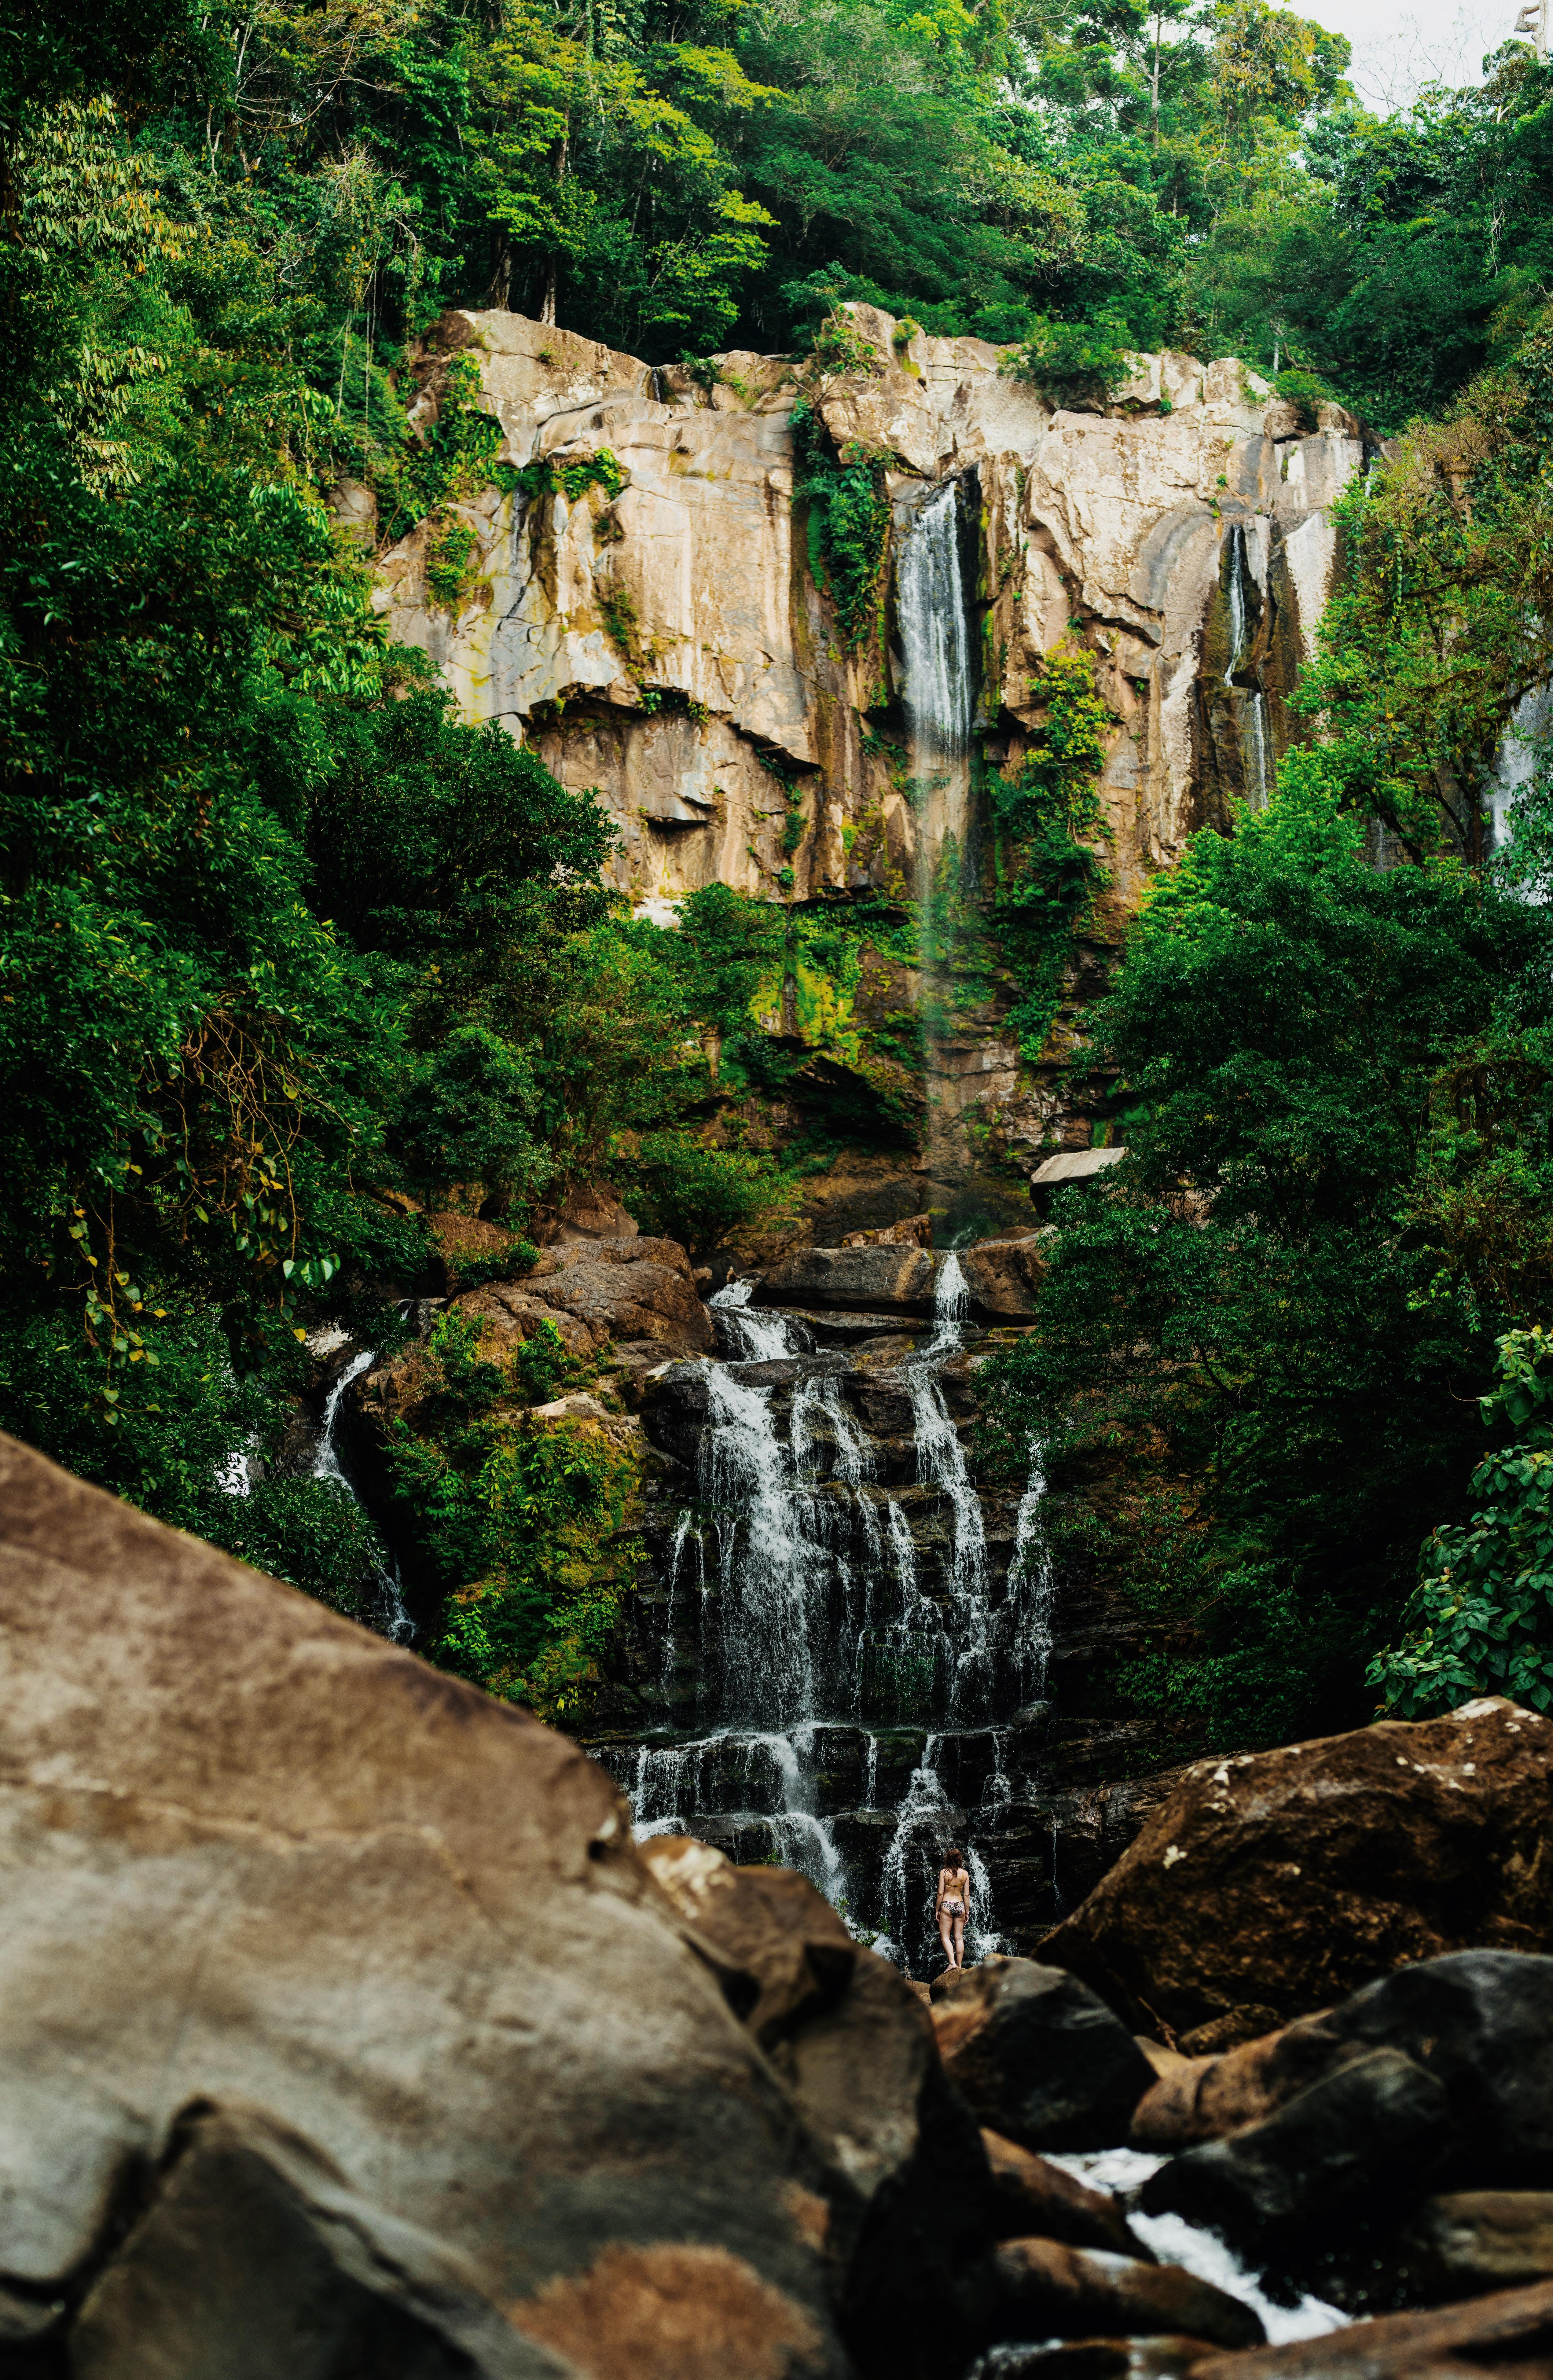 Lugar de Costa Rica. Foto: Nick Dietrich